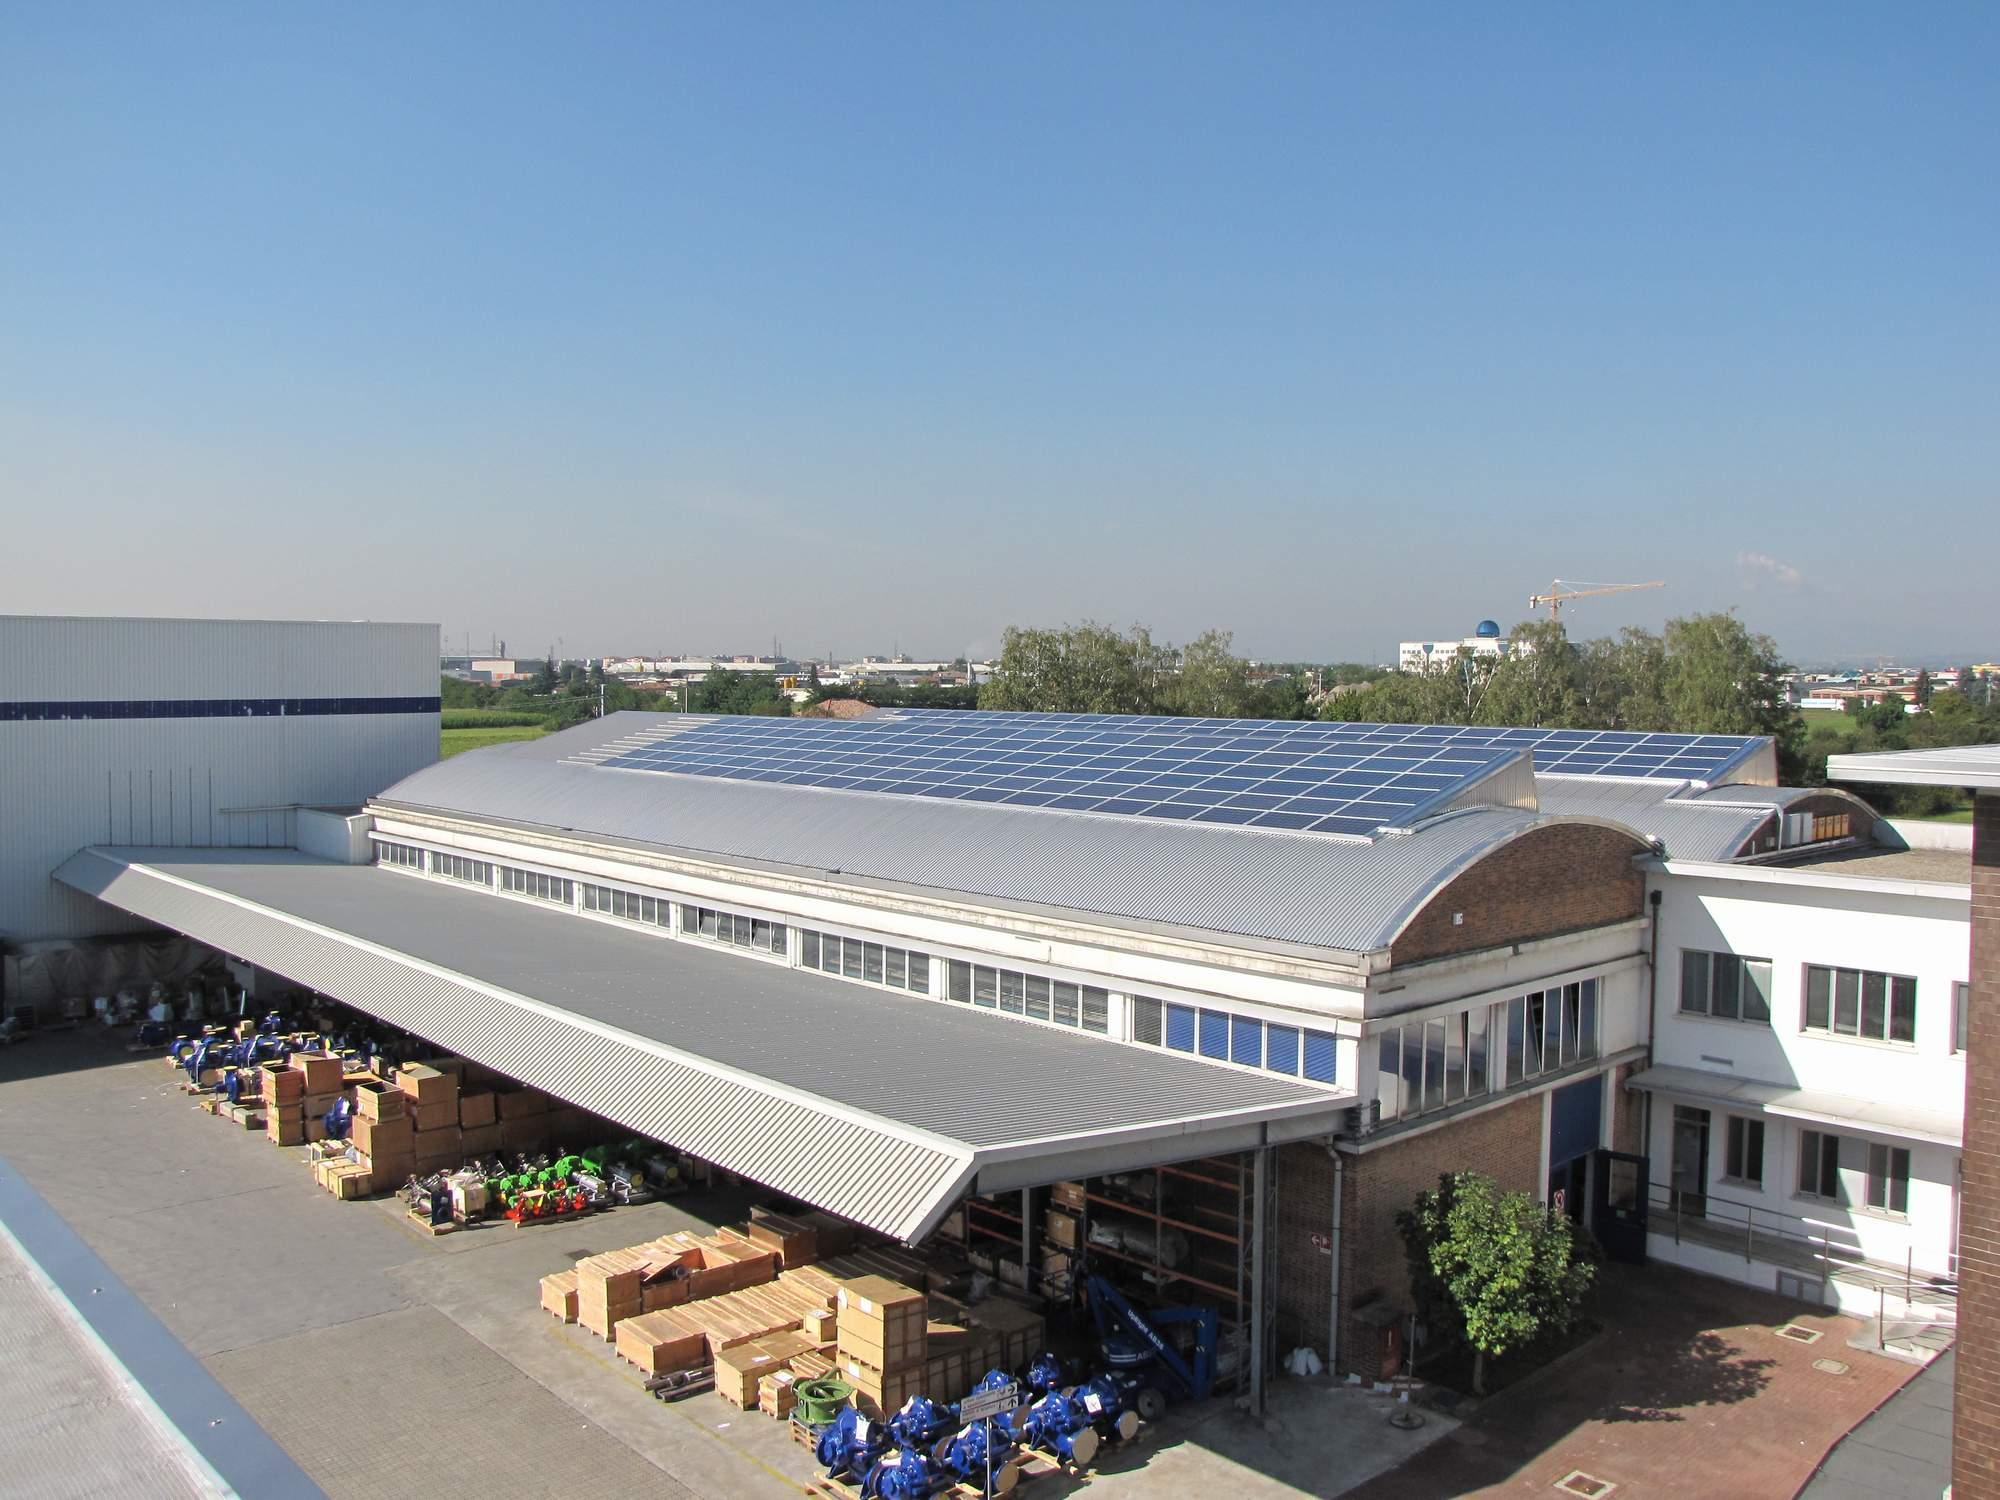 Un nuovo impianto fotovoltaico in Brianza